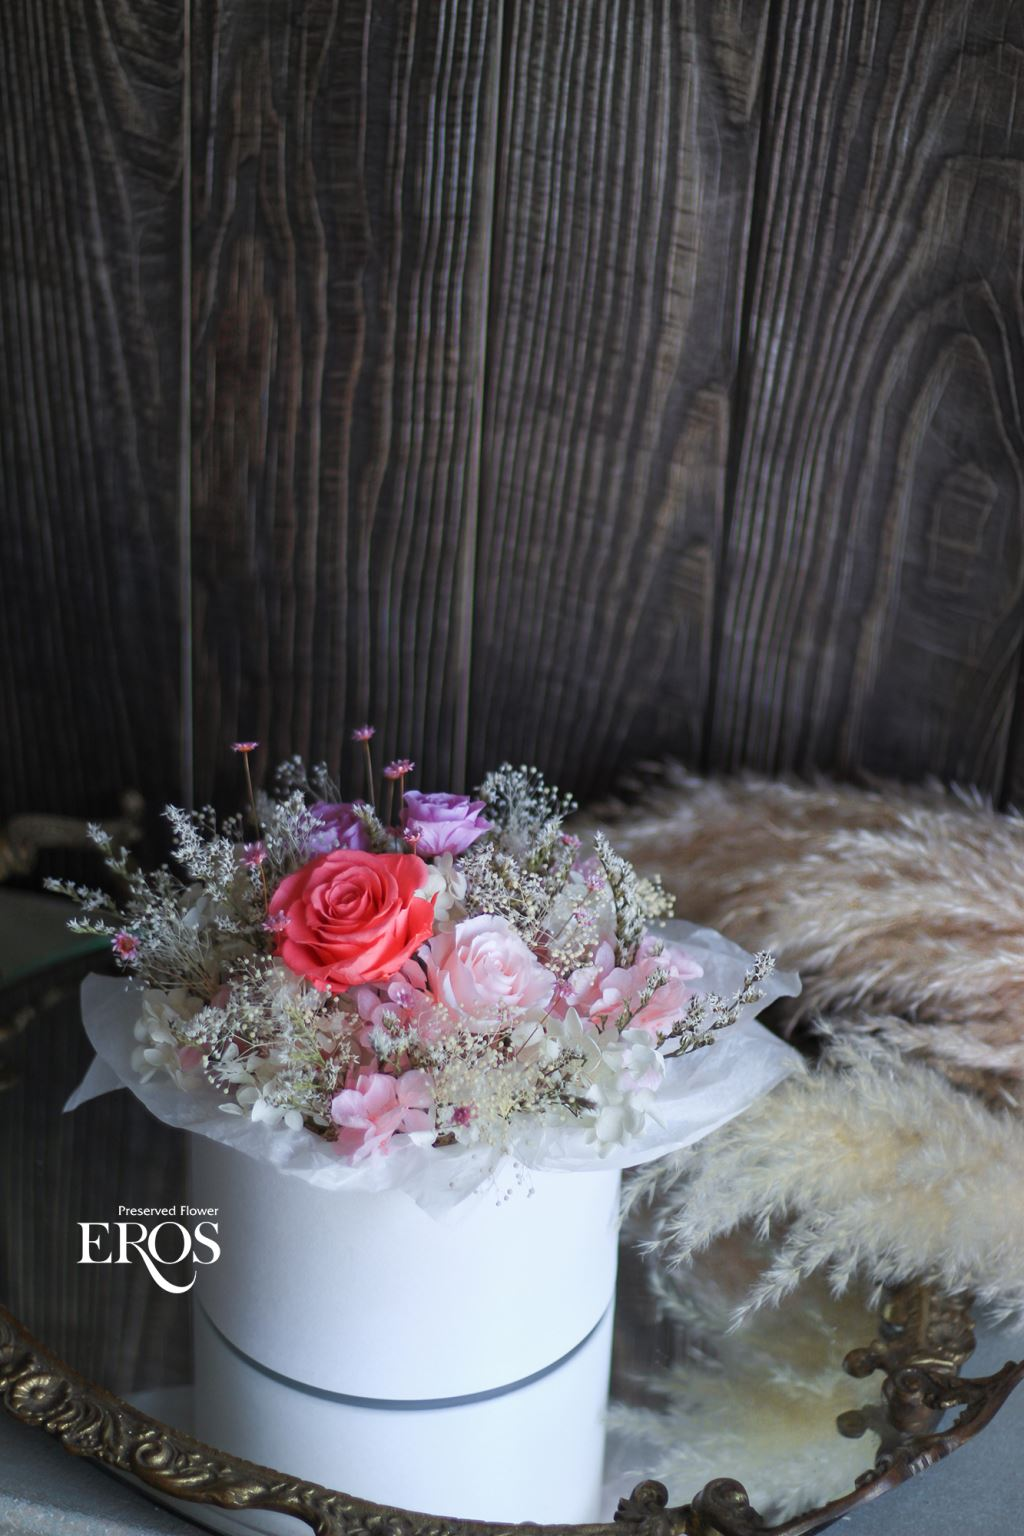 永生花花禮盒、不凋花花禮盒、乾燥花花禮盒、情人節禮物、告白禮物、結婚紀念日禮物